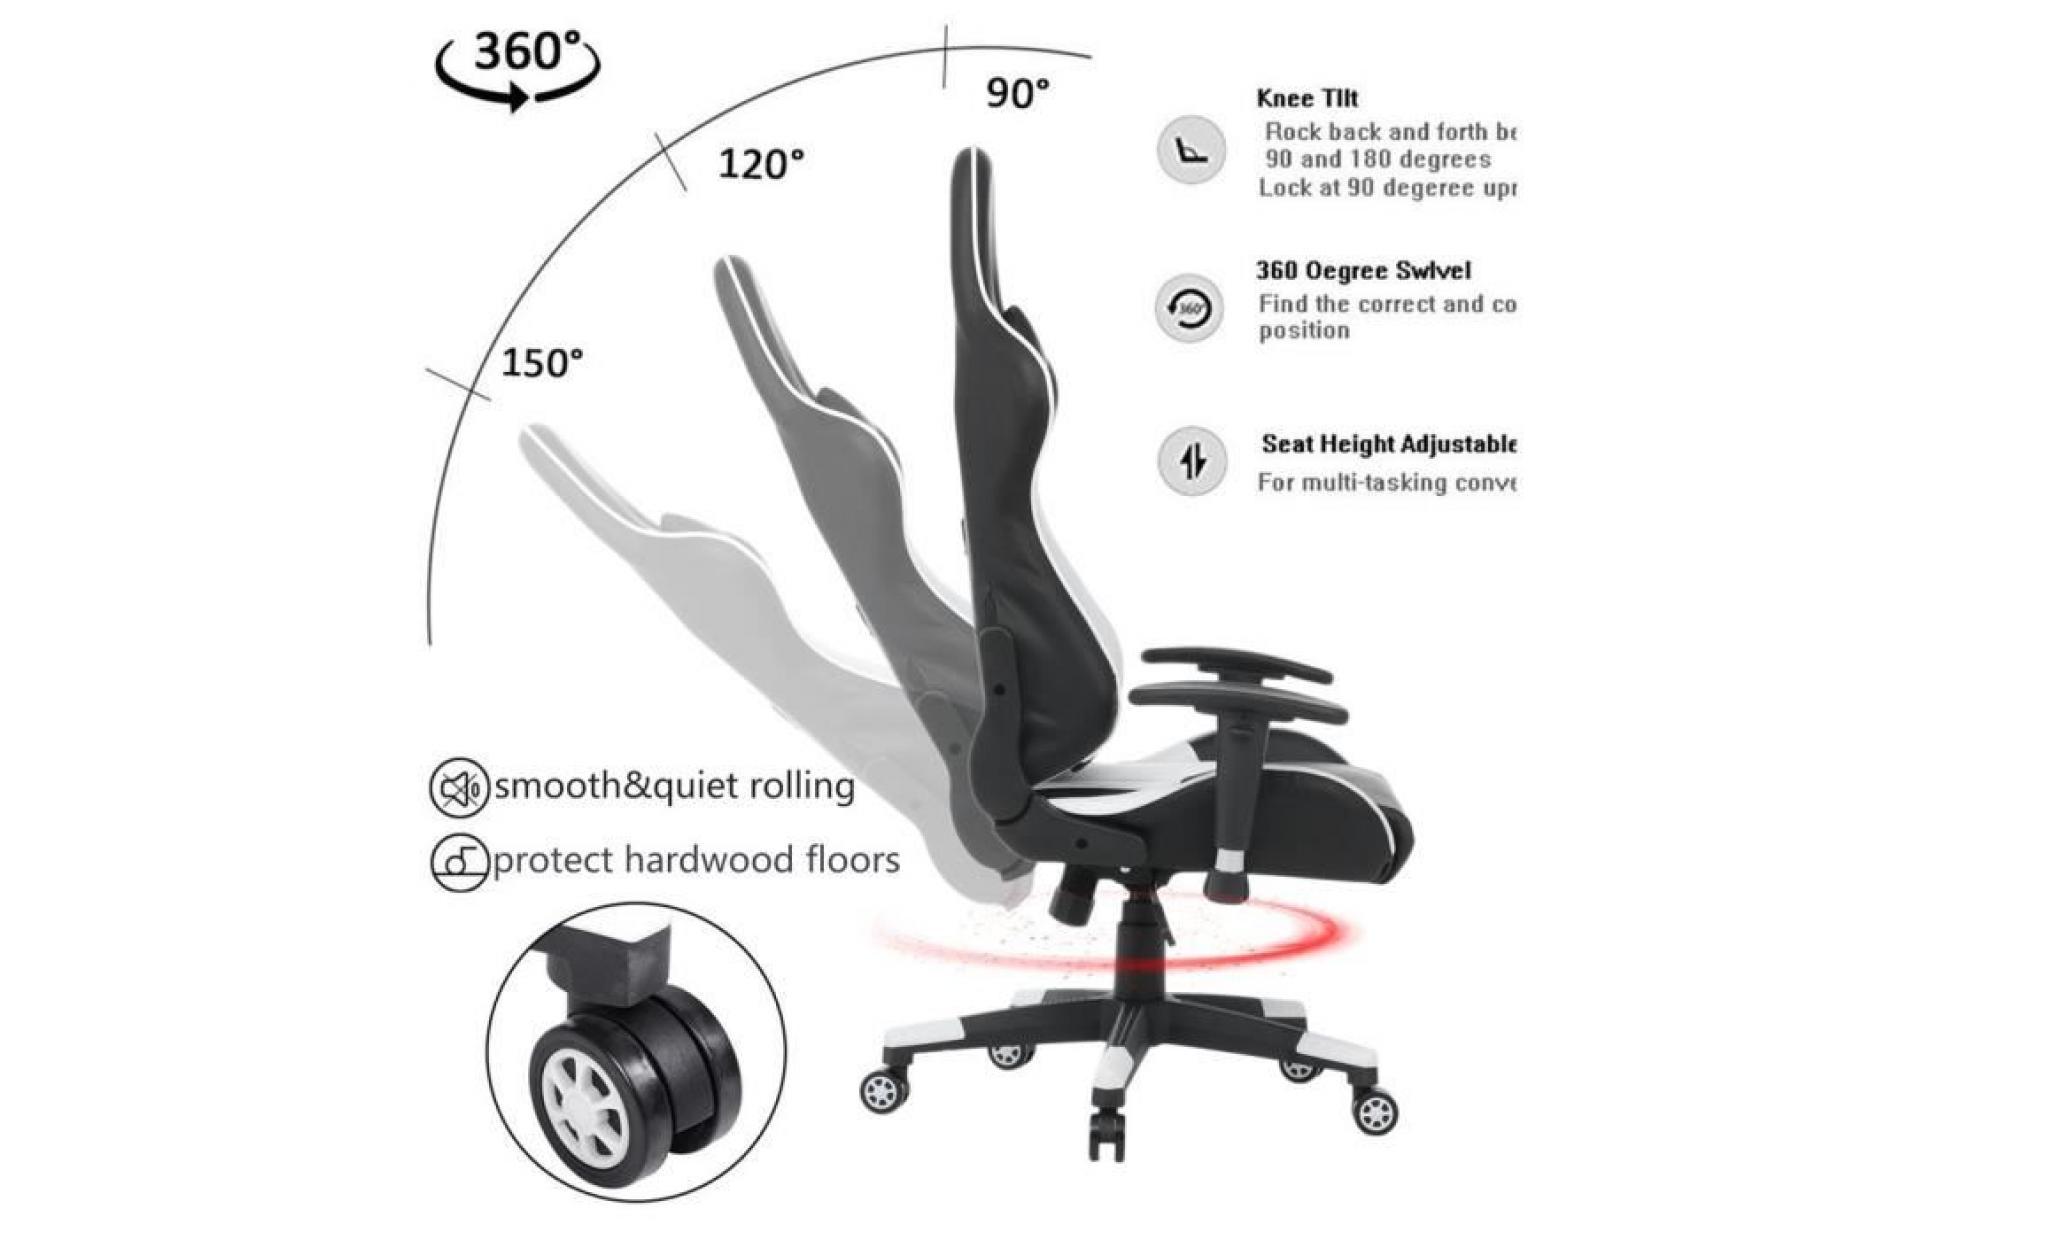 Fauteuil De Bureau Chaise De Jeu Avec Roulettes À 360 Degrés Super  Confortable Style Contemporain Blanc intérieur 90 Degrés Jeux